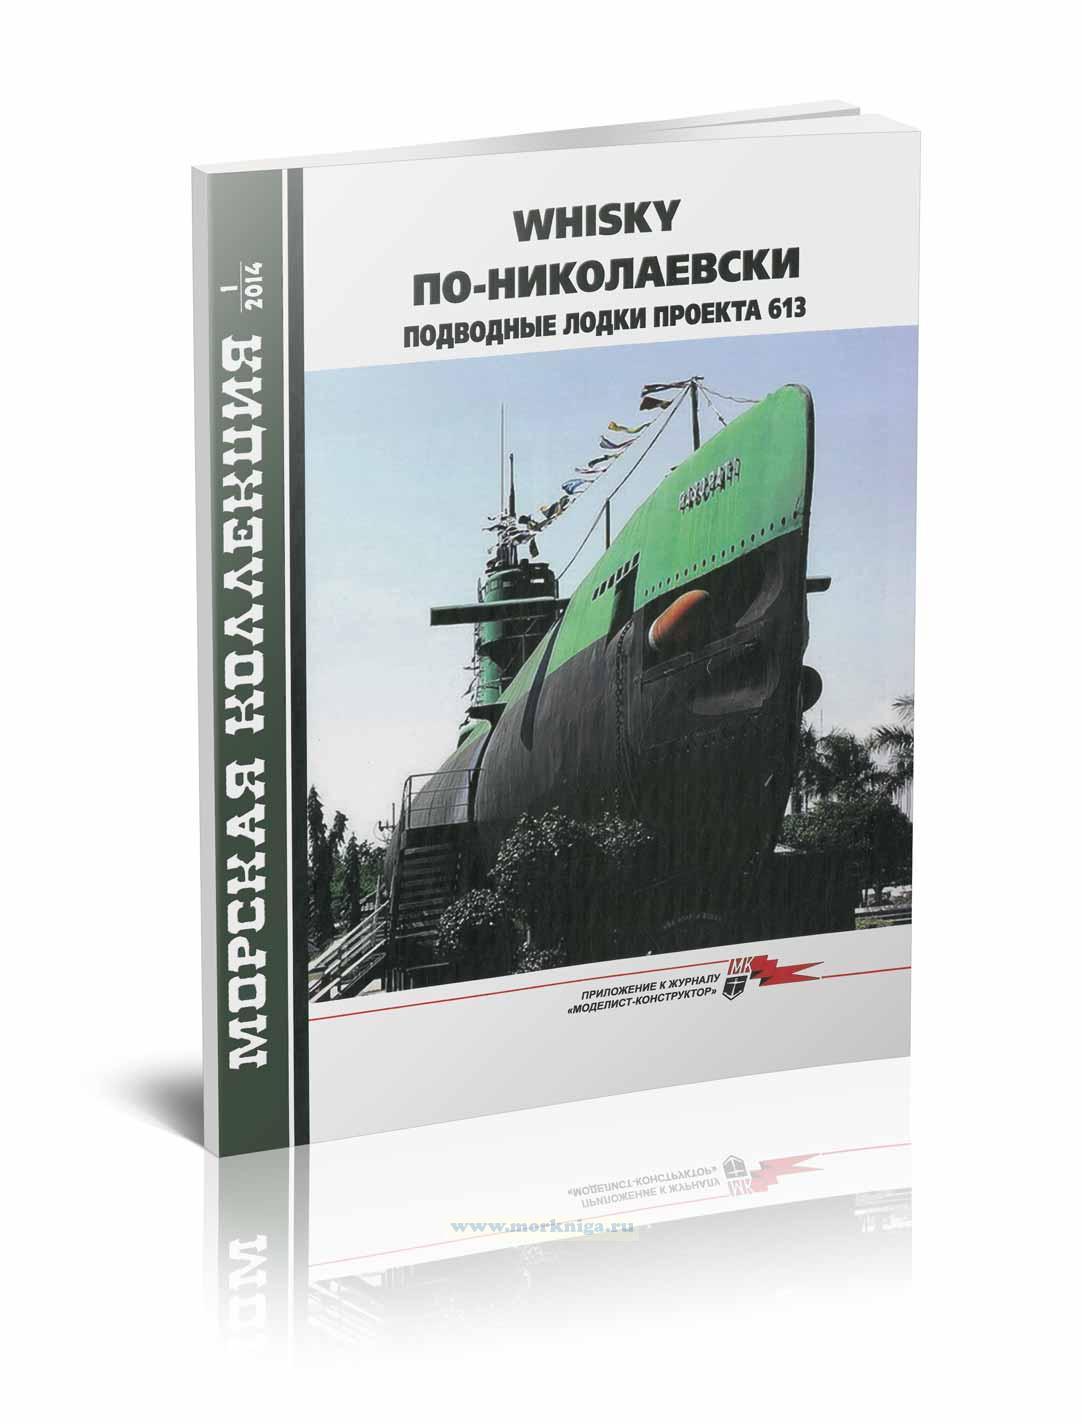 WISKY по-Николаевски. Подводные лодки проекта 613. Морская коллекция №1 (2014)